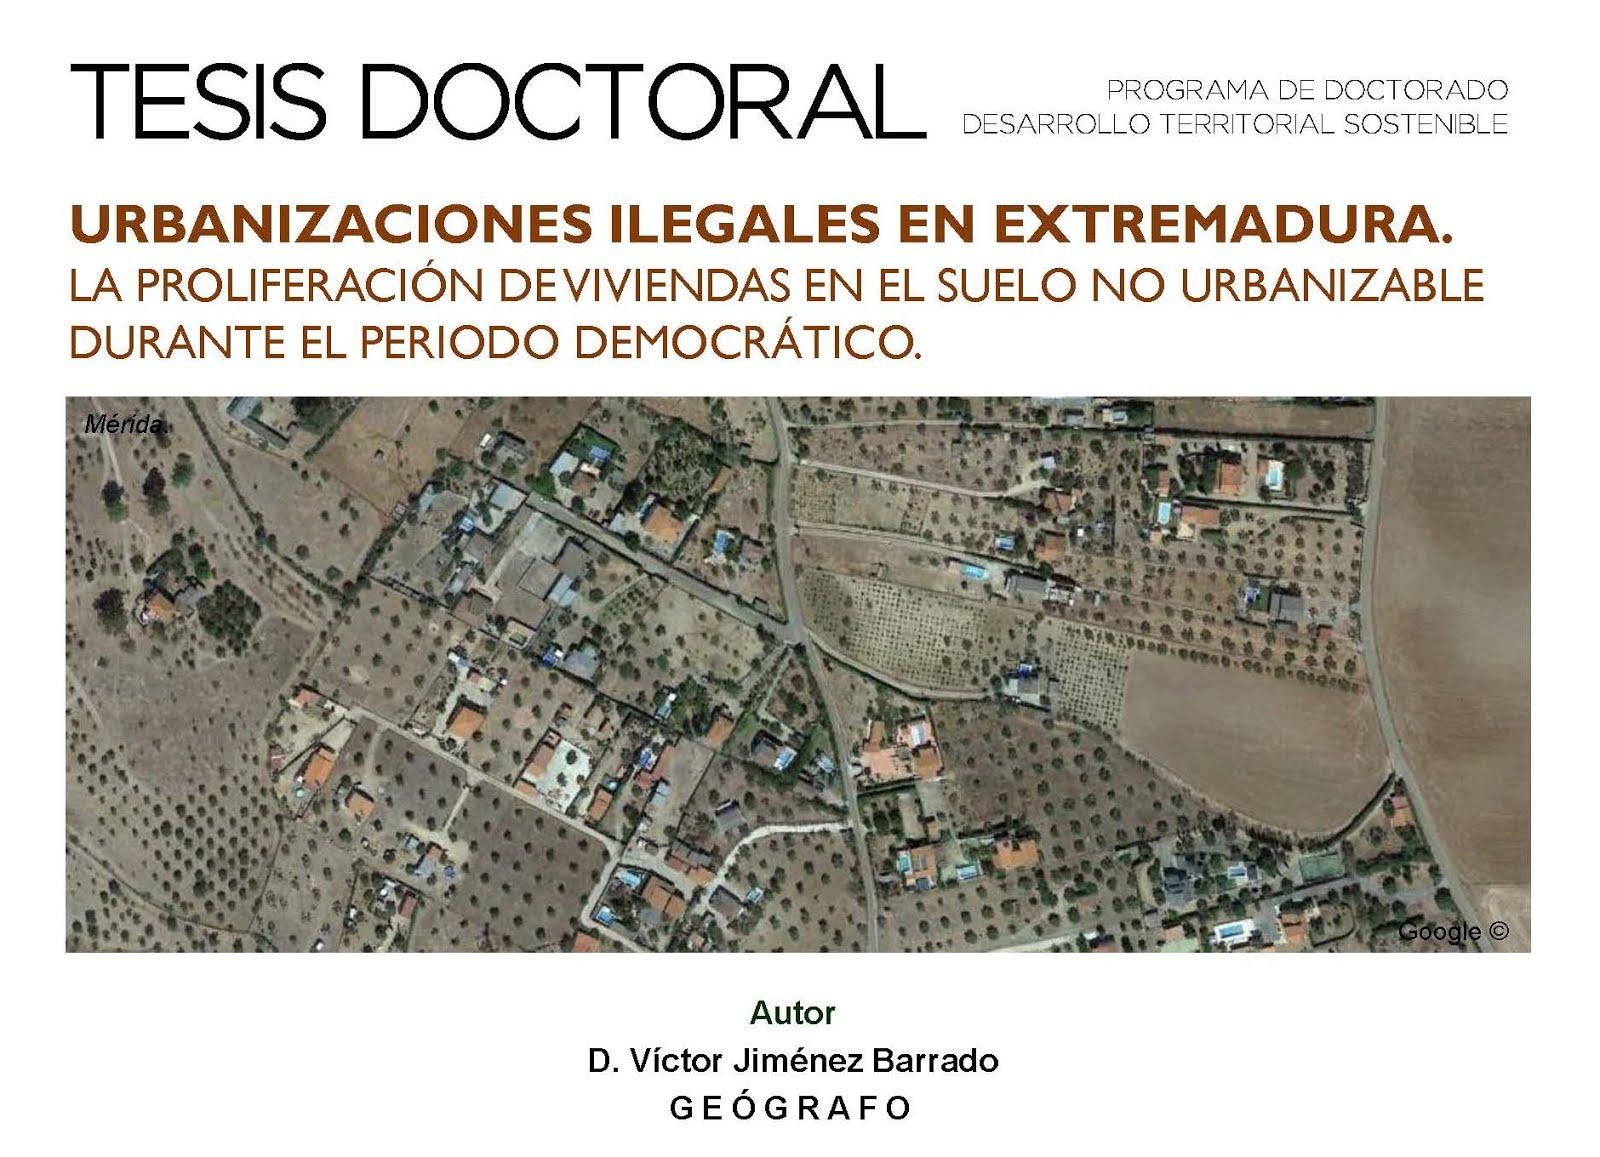 TESIS DOCTORAL: URBANIZACIONES ILEGALES EN EXTREMADURA EN EL PERIODO DEMOCRÁTICO